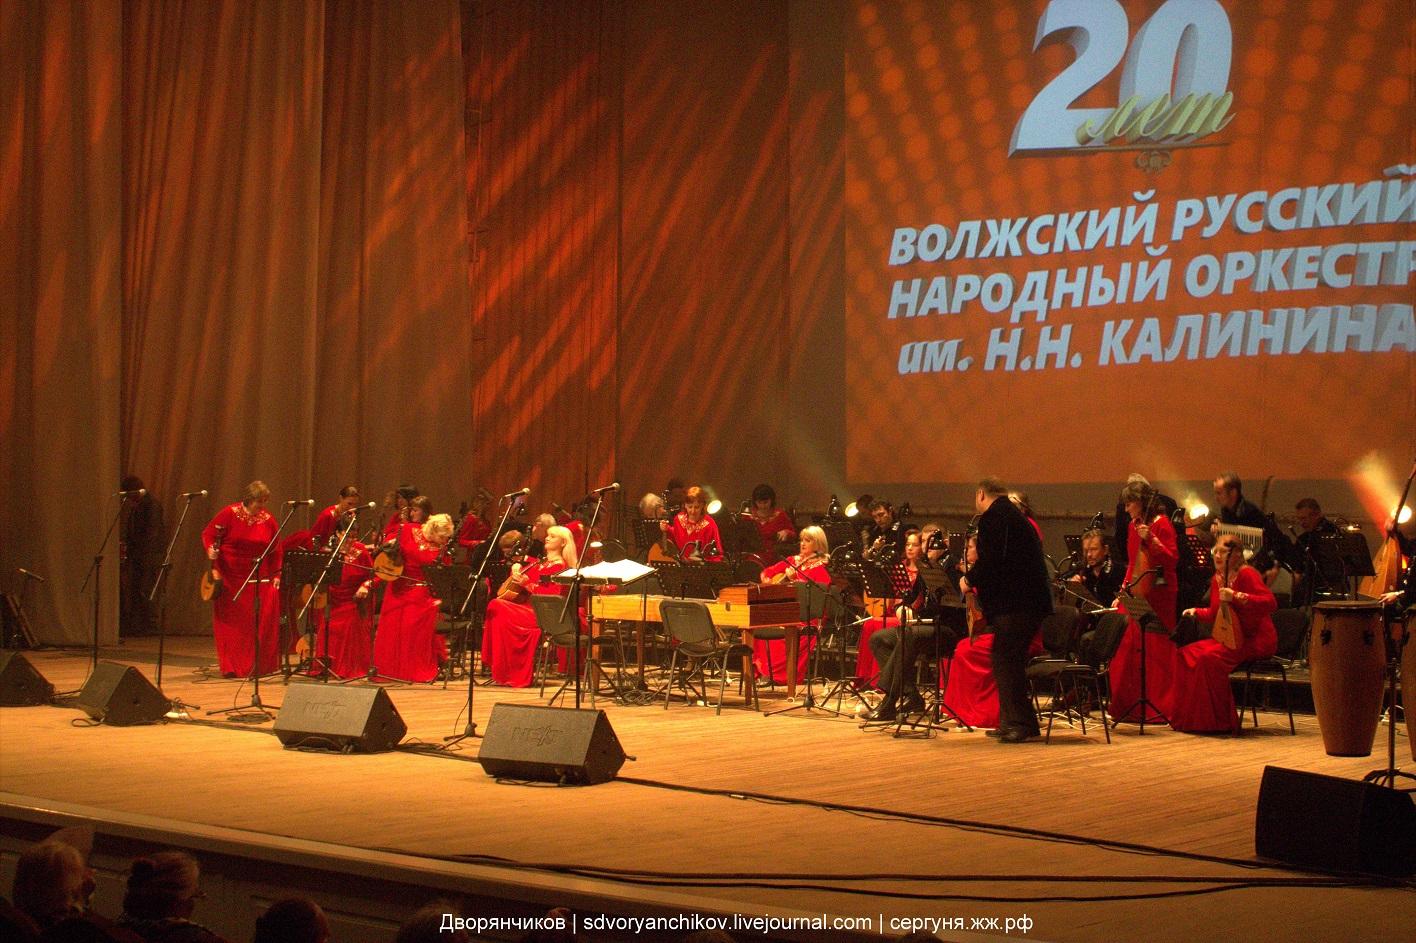 20 лет - Юбилейный концерт ВРНО им НН Калинина в ЦКЗ - Волгоград